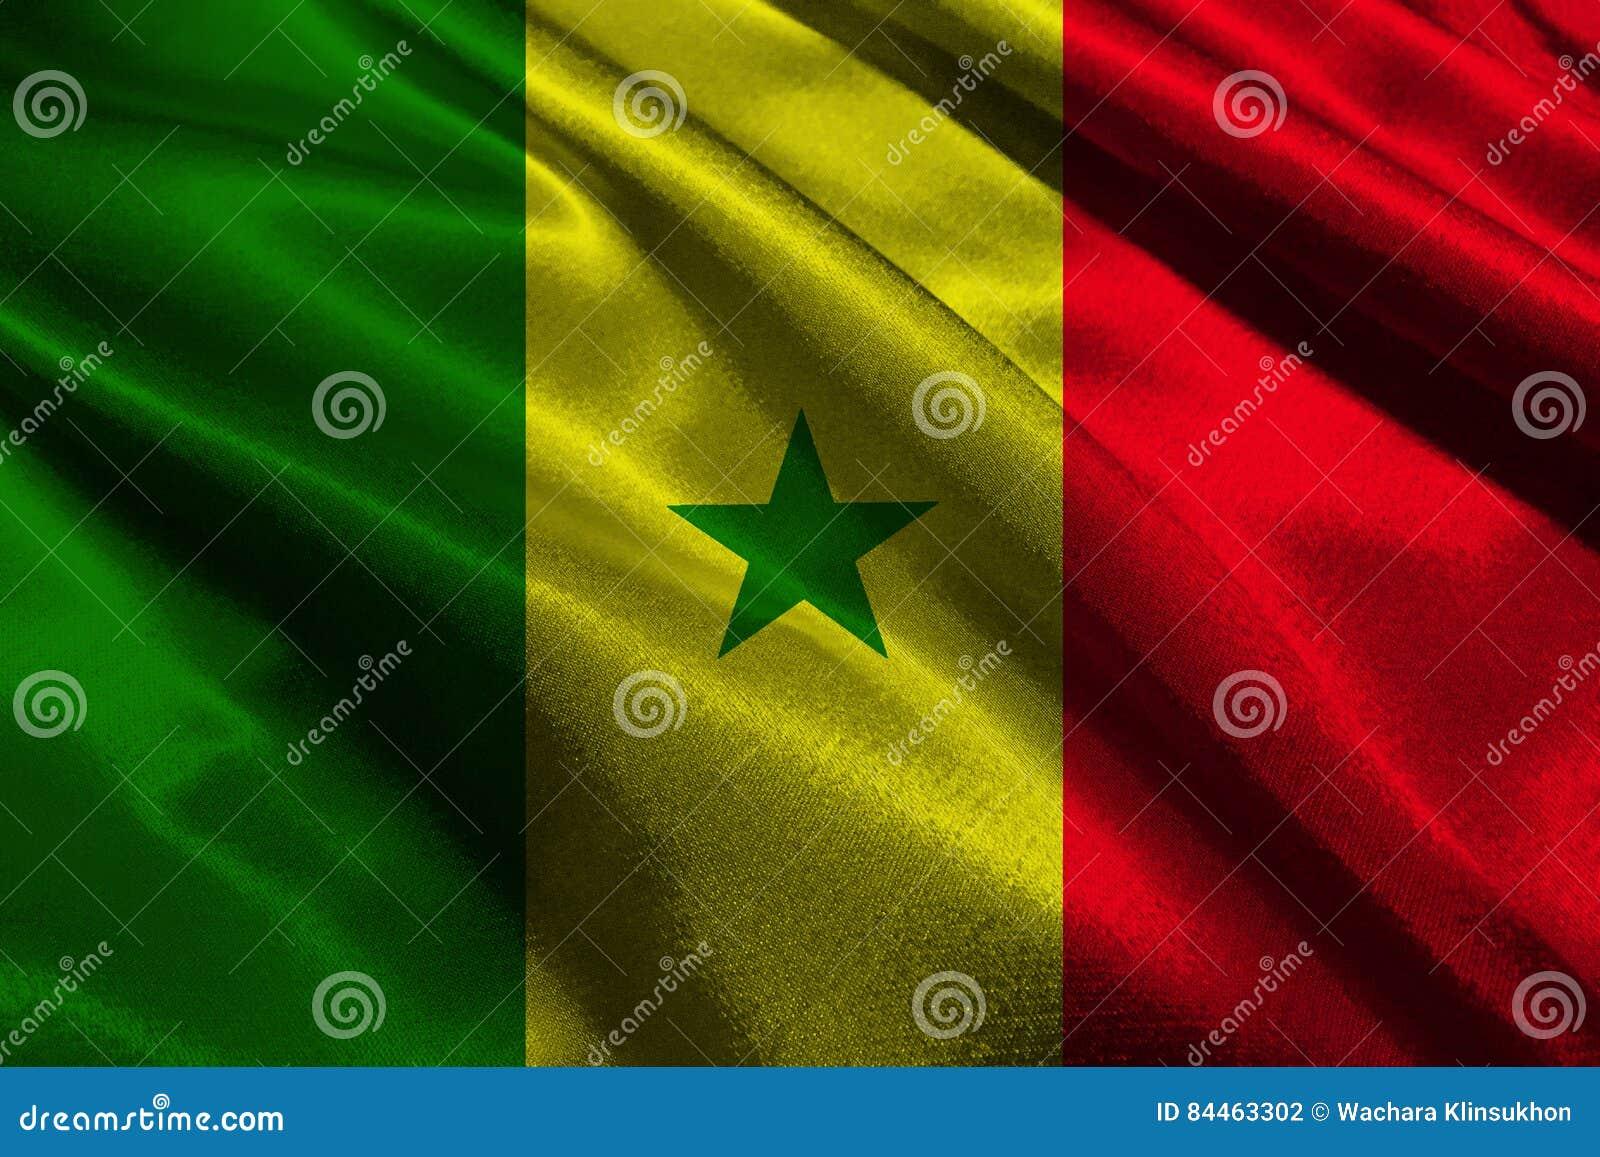 Símbolo Del Ejemplo De La Bandera Nacional 3d De Senegal